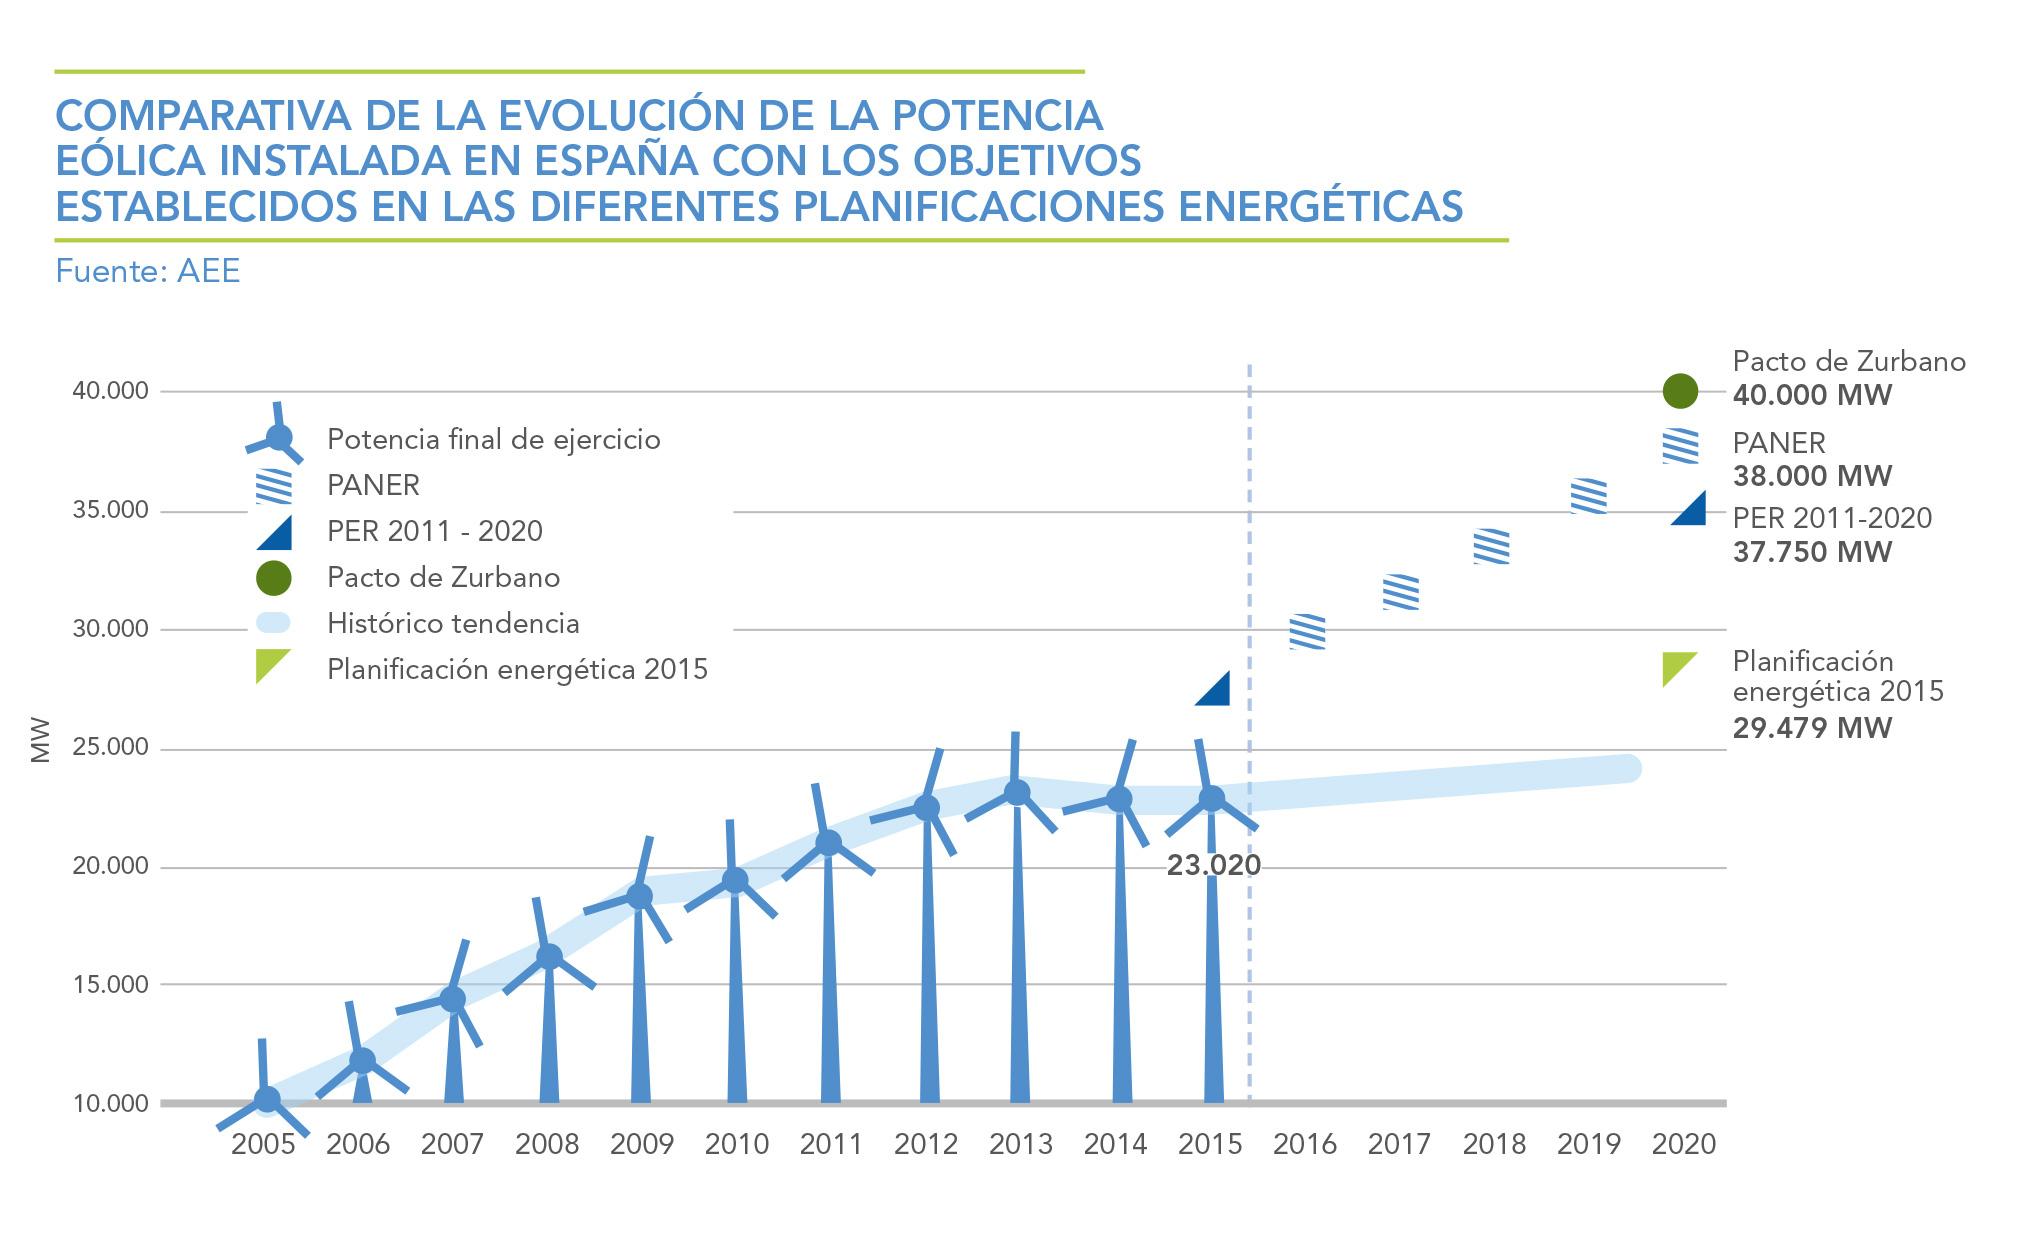 COMPARATIVA-DE-LA-EVOLUCION-DE-LA-POTENCIA-EOLICA-INSTALADA-EN-ESPAA-CON-LOS-OBJETIVOS-ESTABLECIDOS-EN-LAS-DIFERENTES-PLANIFICACIONES-ENERGETICAS